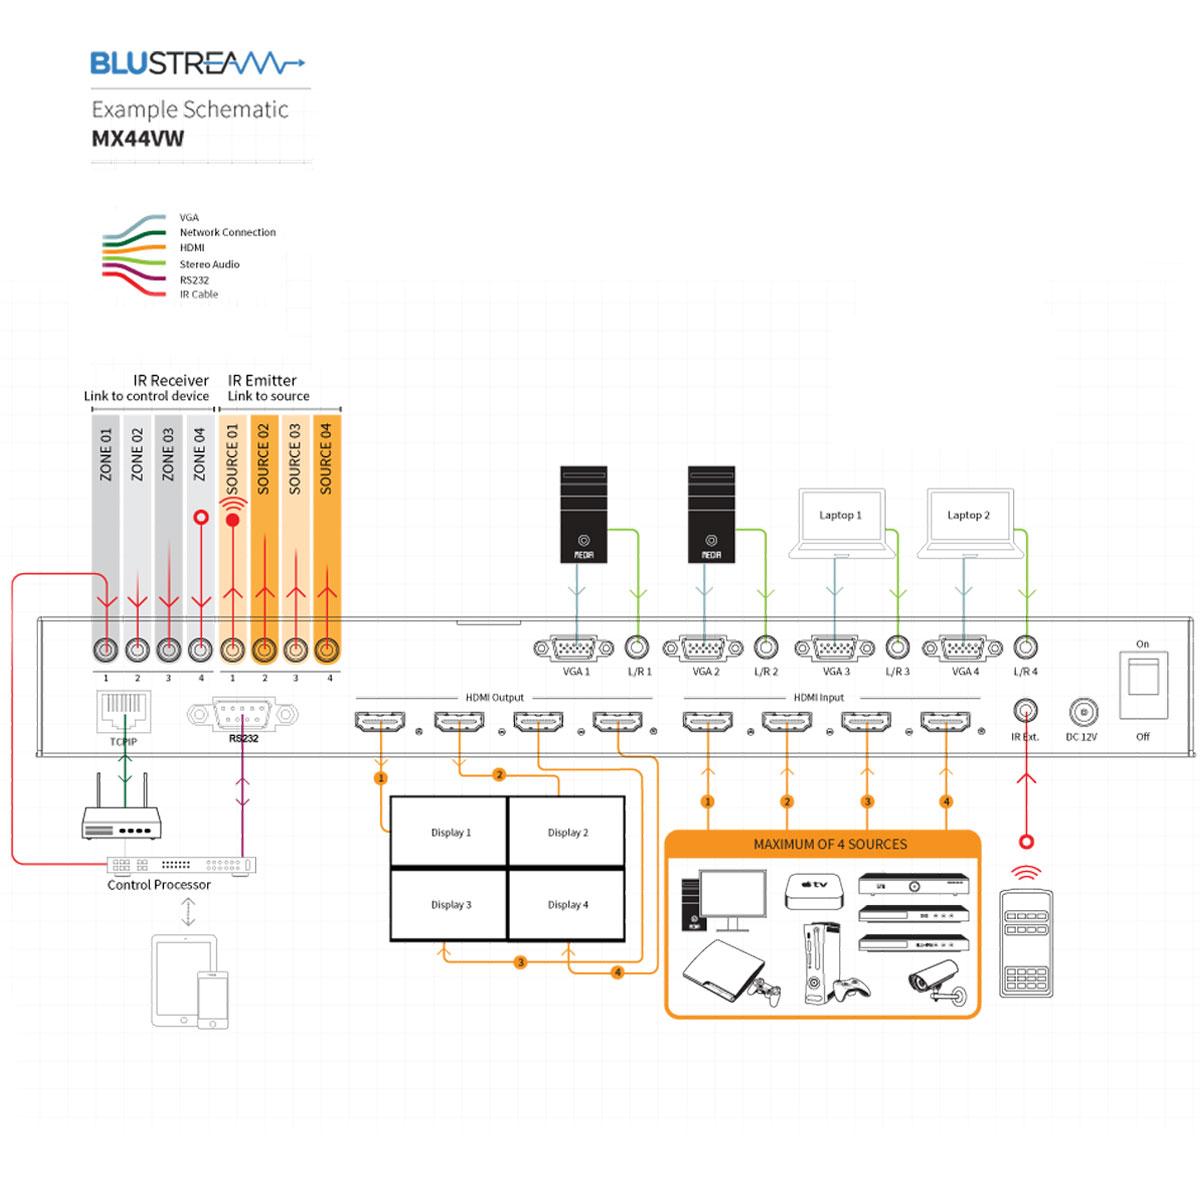 Blustream MX44VW HDMI Scwitcher Schematic